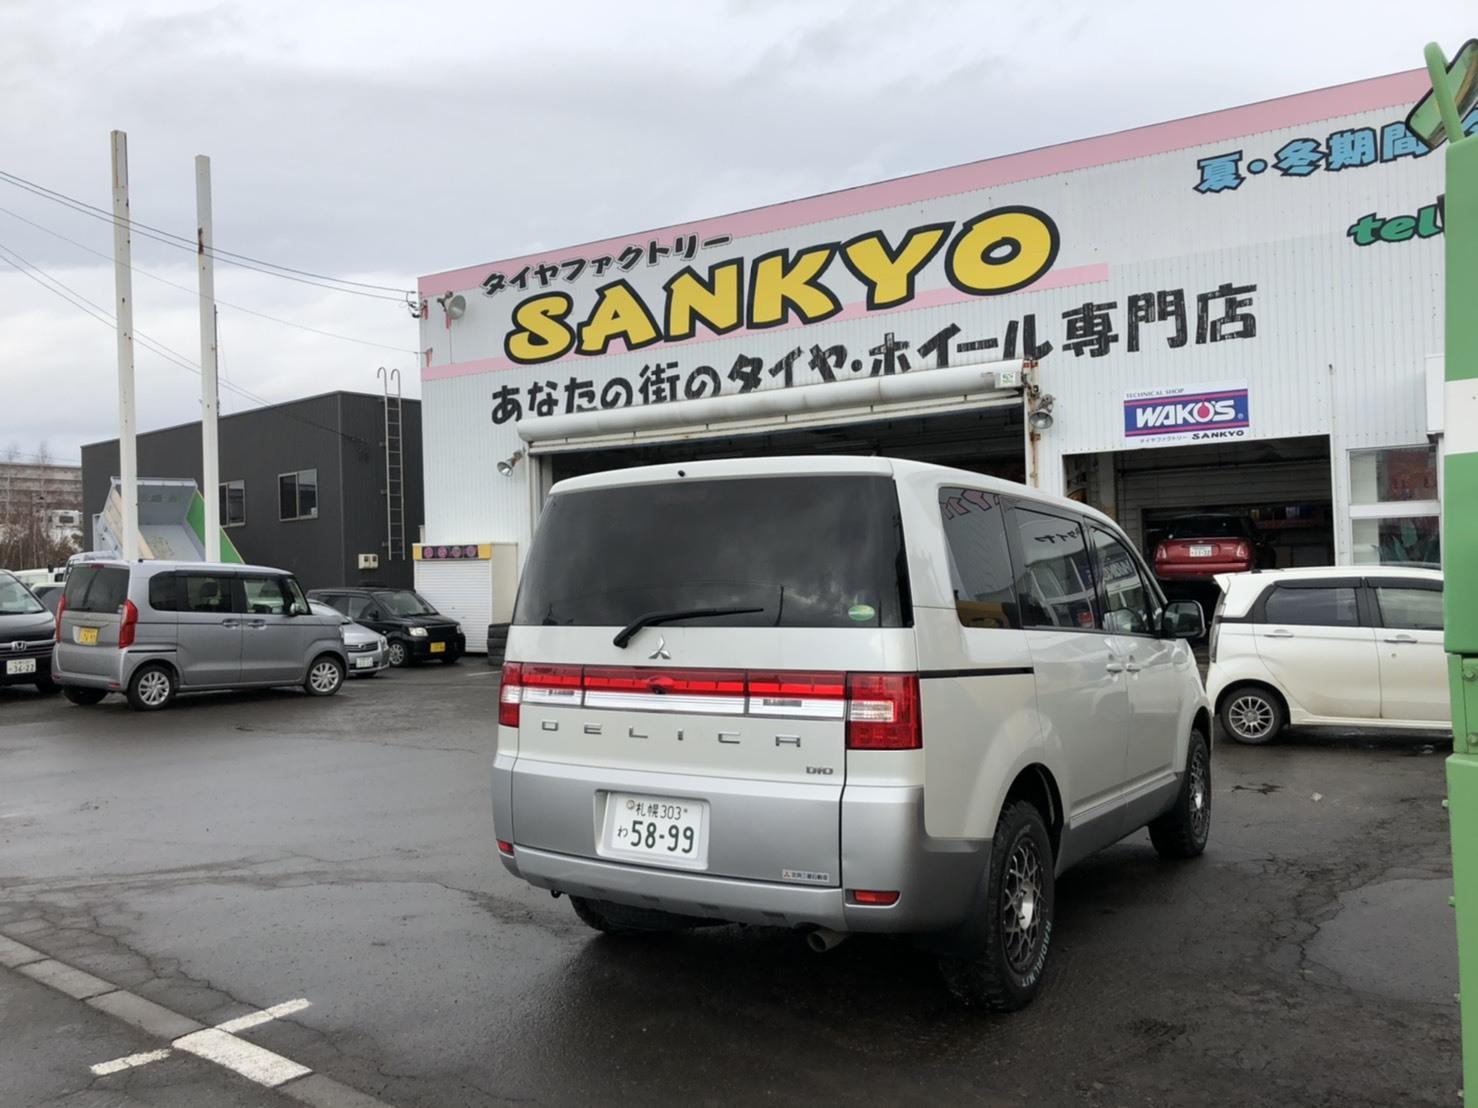 12月17日(火)本店ブログ♪ ハイエースバン 5ドアバン3.0DT スーパーGLロング 4WD_b0127002_17302043.jpg